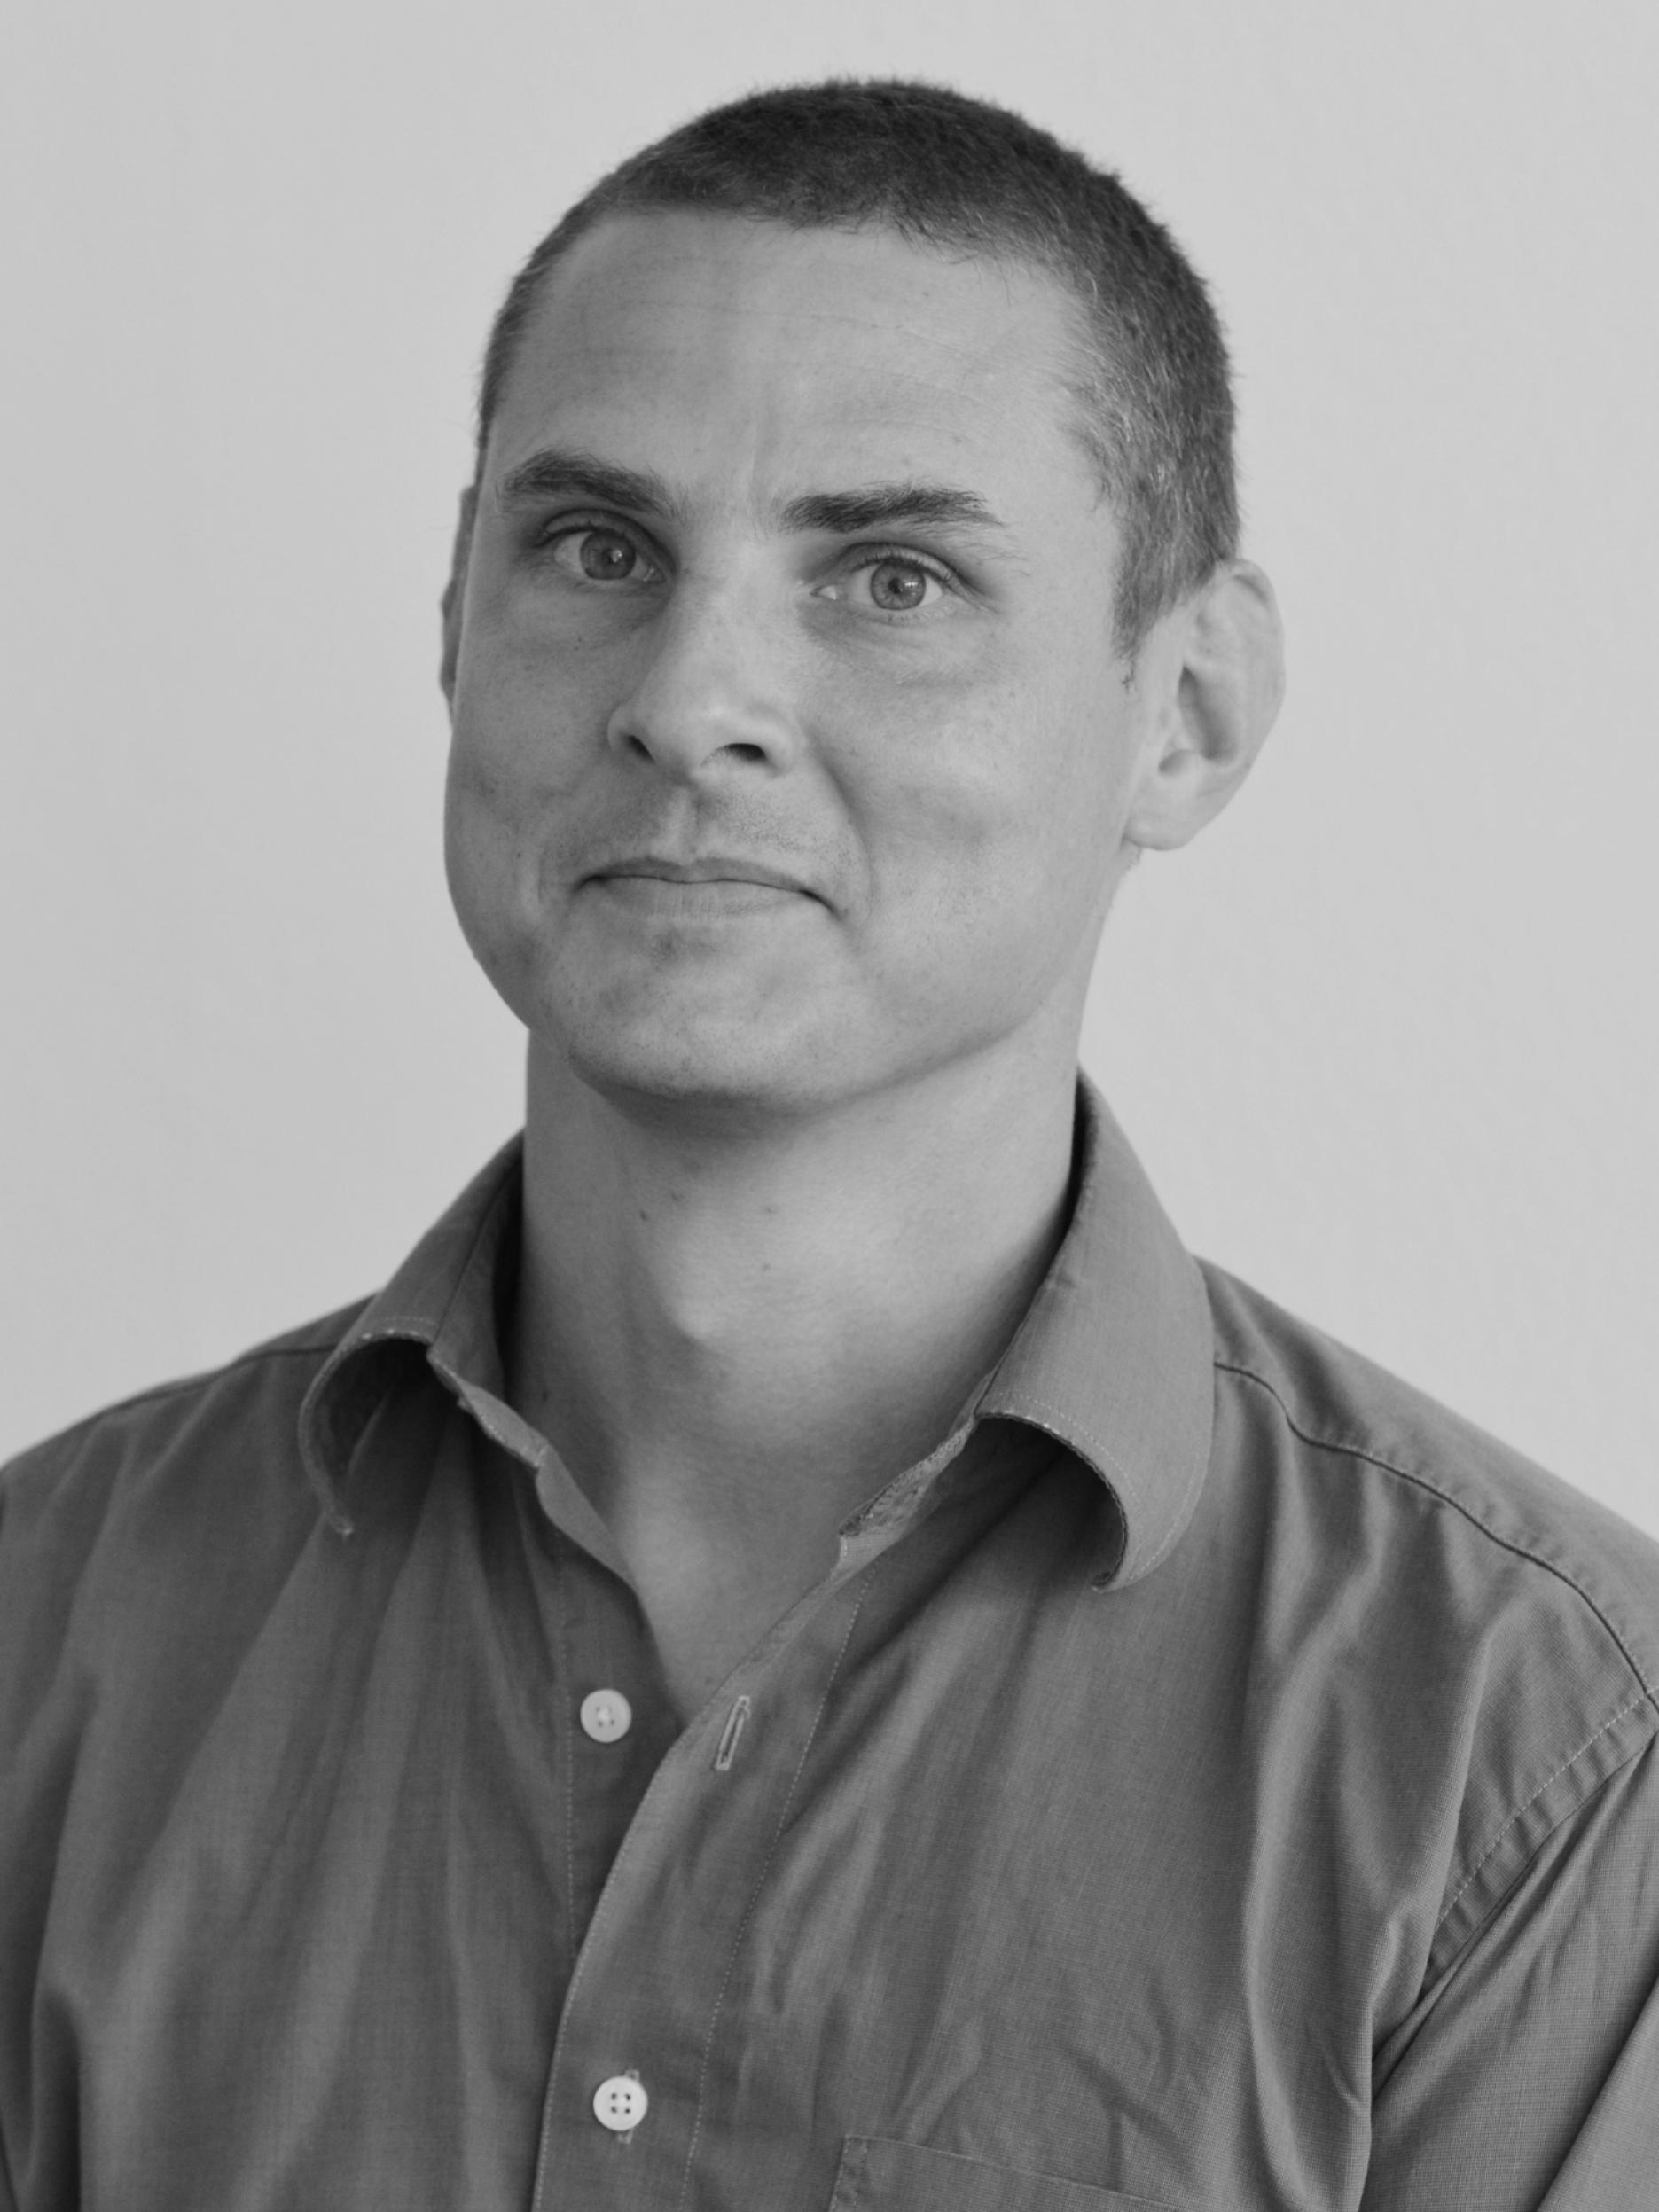 Päd. Werner Rothe